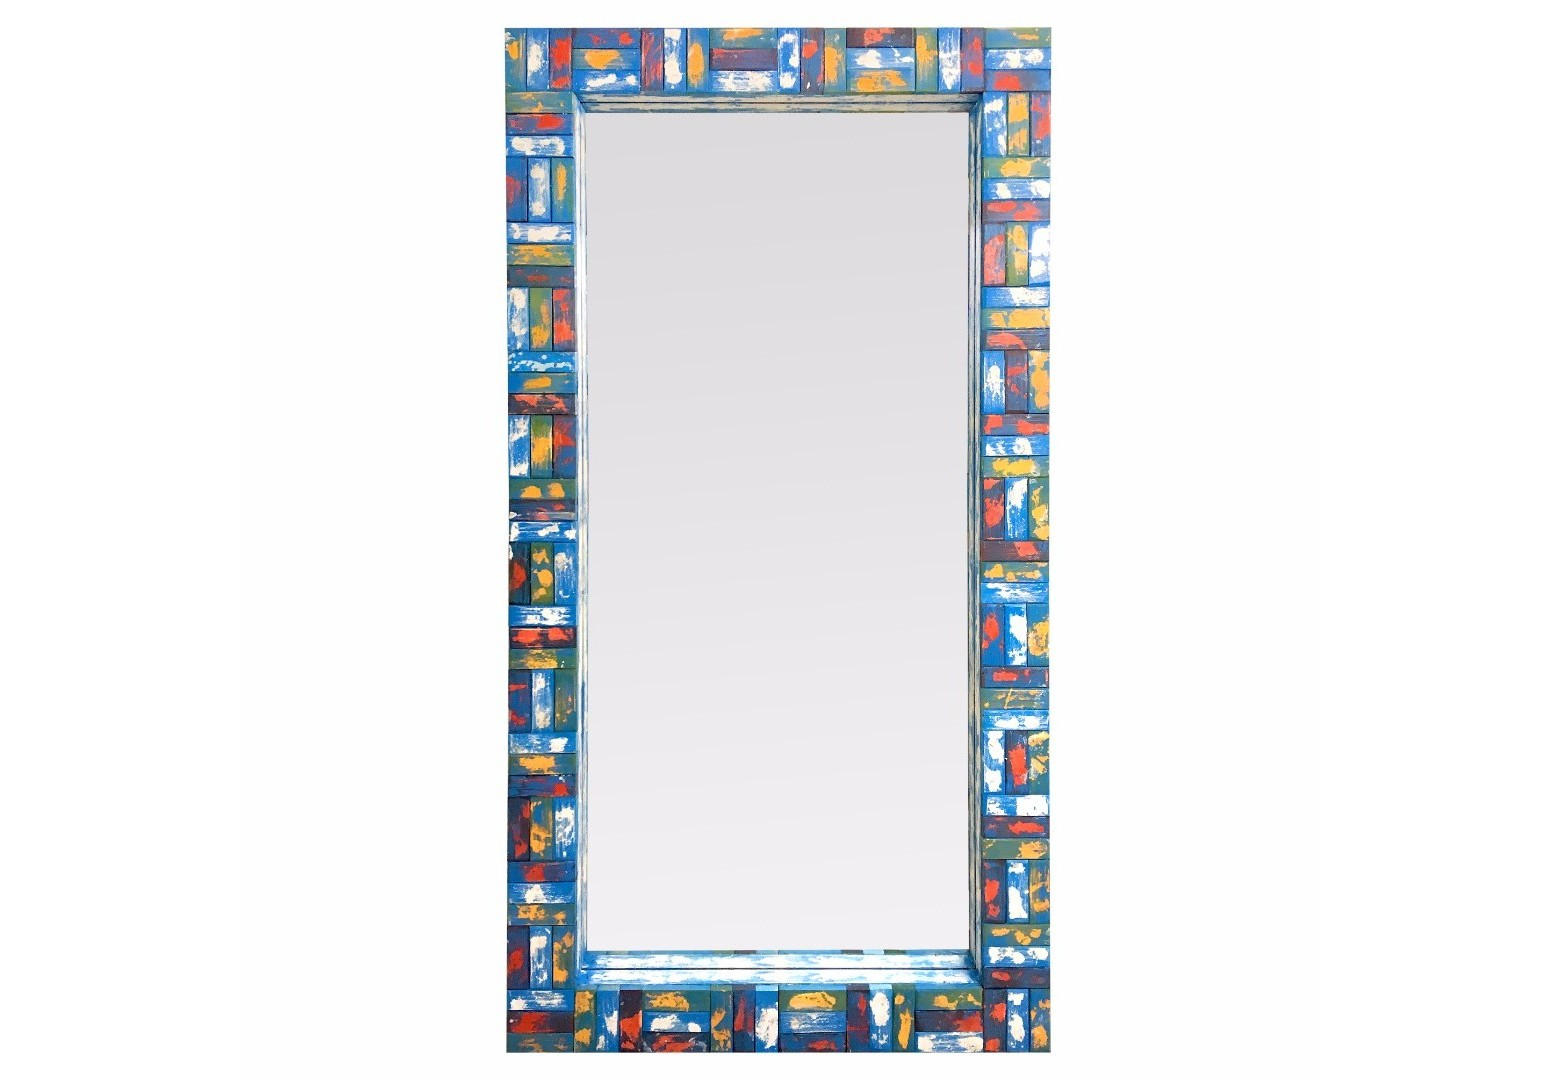 Зеркало VivoНастенные зеркала<br>Эти зеркала - наш эксперимент в своем роде. Нам захотелось привнести солнца и красок в пасмурный день. Они уникальны тем, что рама каждого состоит из мелких элементов, собранных воедино как пазл. Каждая деталь из массива дерева вручную выпиливалась, декорировалась и с ювелирной точностью выкладывалась руками наших мастеров. За жизнерадостный стиль мы назвали эту серию ViVo от испанского живой. Сочный дизайн удивляет яркими оттенками, создающими красочное единство. Центральное зеркальное полотно посажено вглубь. Этот прием позволяет придать зеркалу объем и дополнительное боковое отражение. Зеркала ViVo добавят в ваше пространство энергию, радость и наполнят жизнью.&amp;nbsp;Возможно изготовление по Вашим цветам и размерам.Материал: массив дерева .Ширина рамы 12 см.<br><br>kit: None<br>gender: None